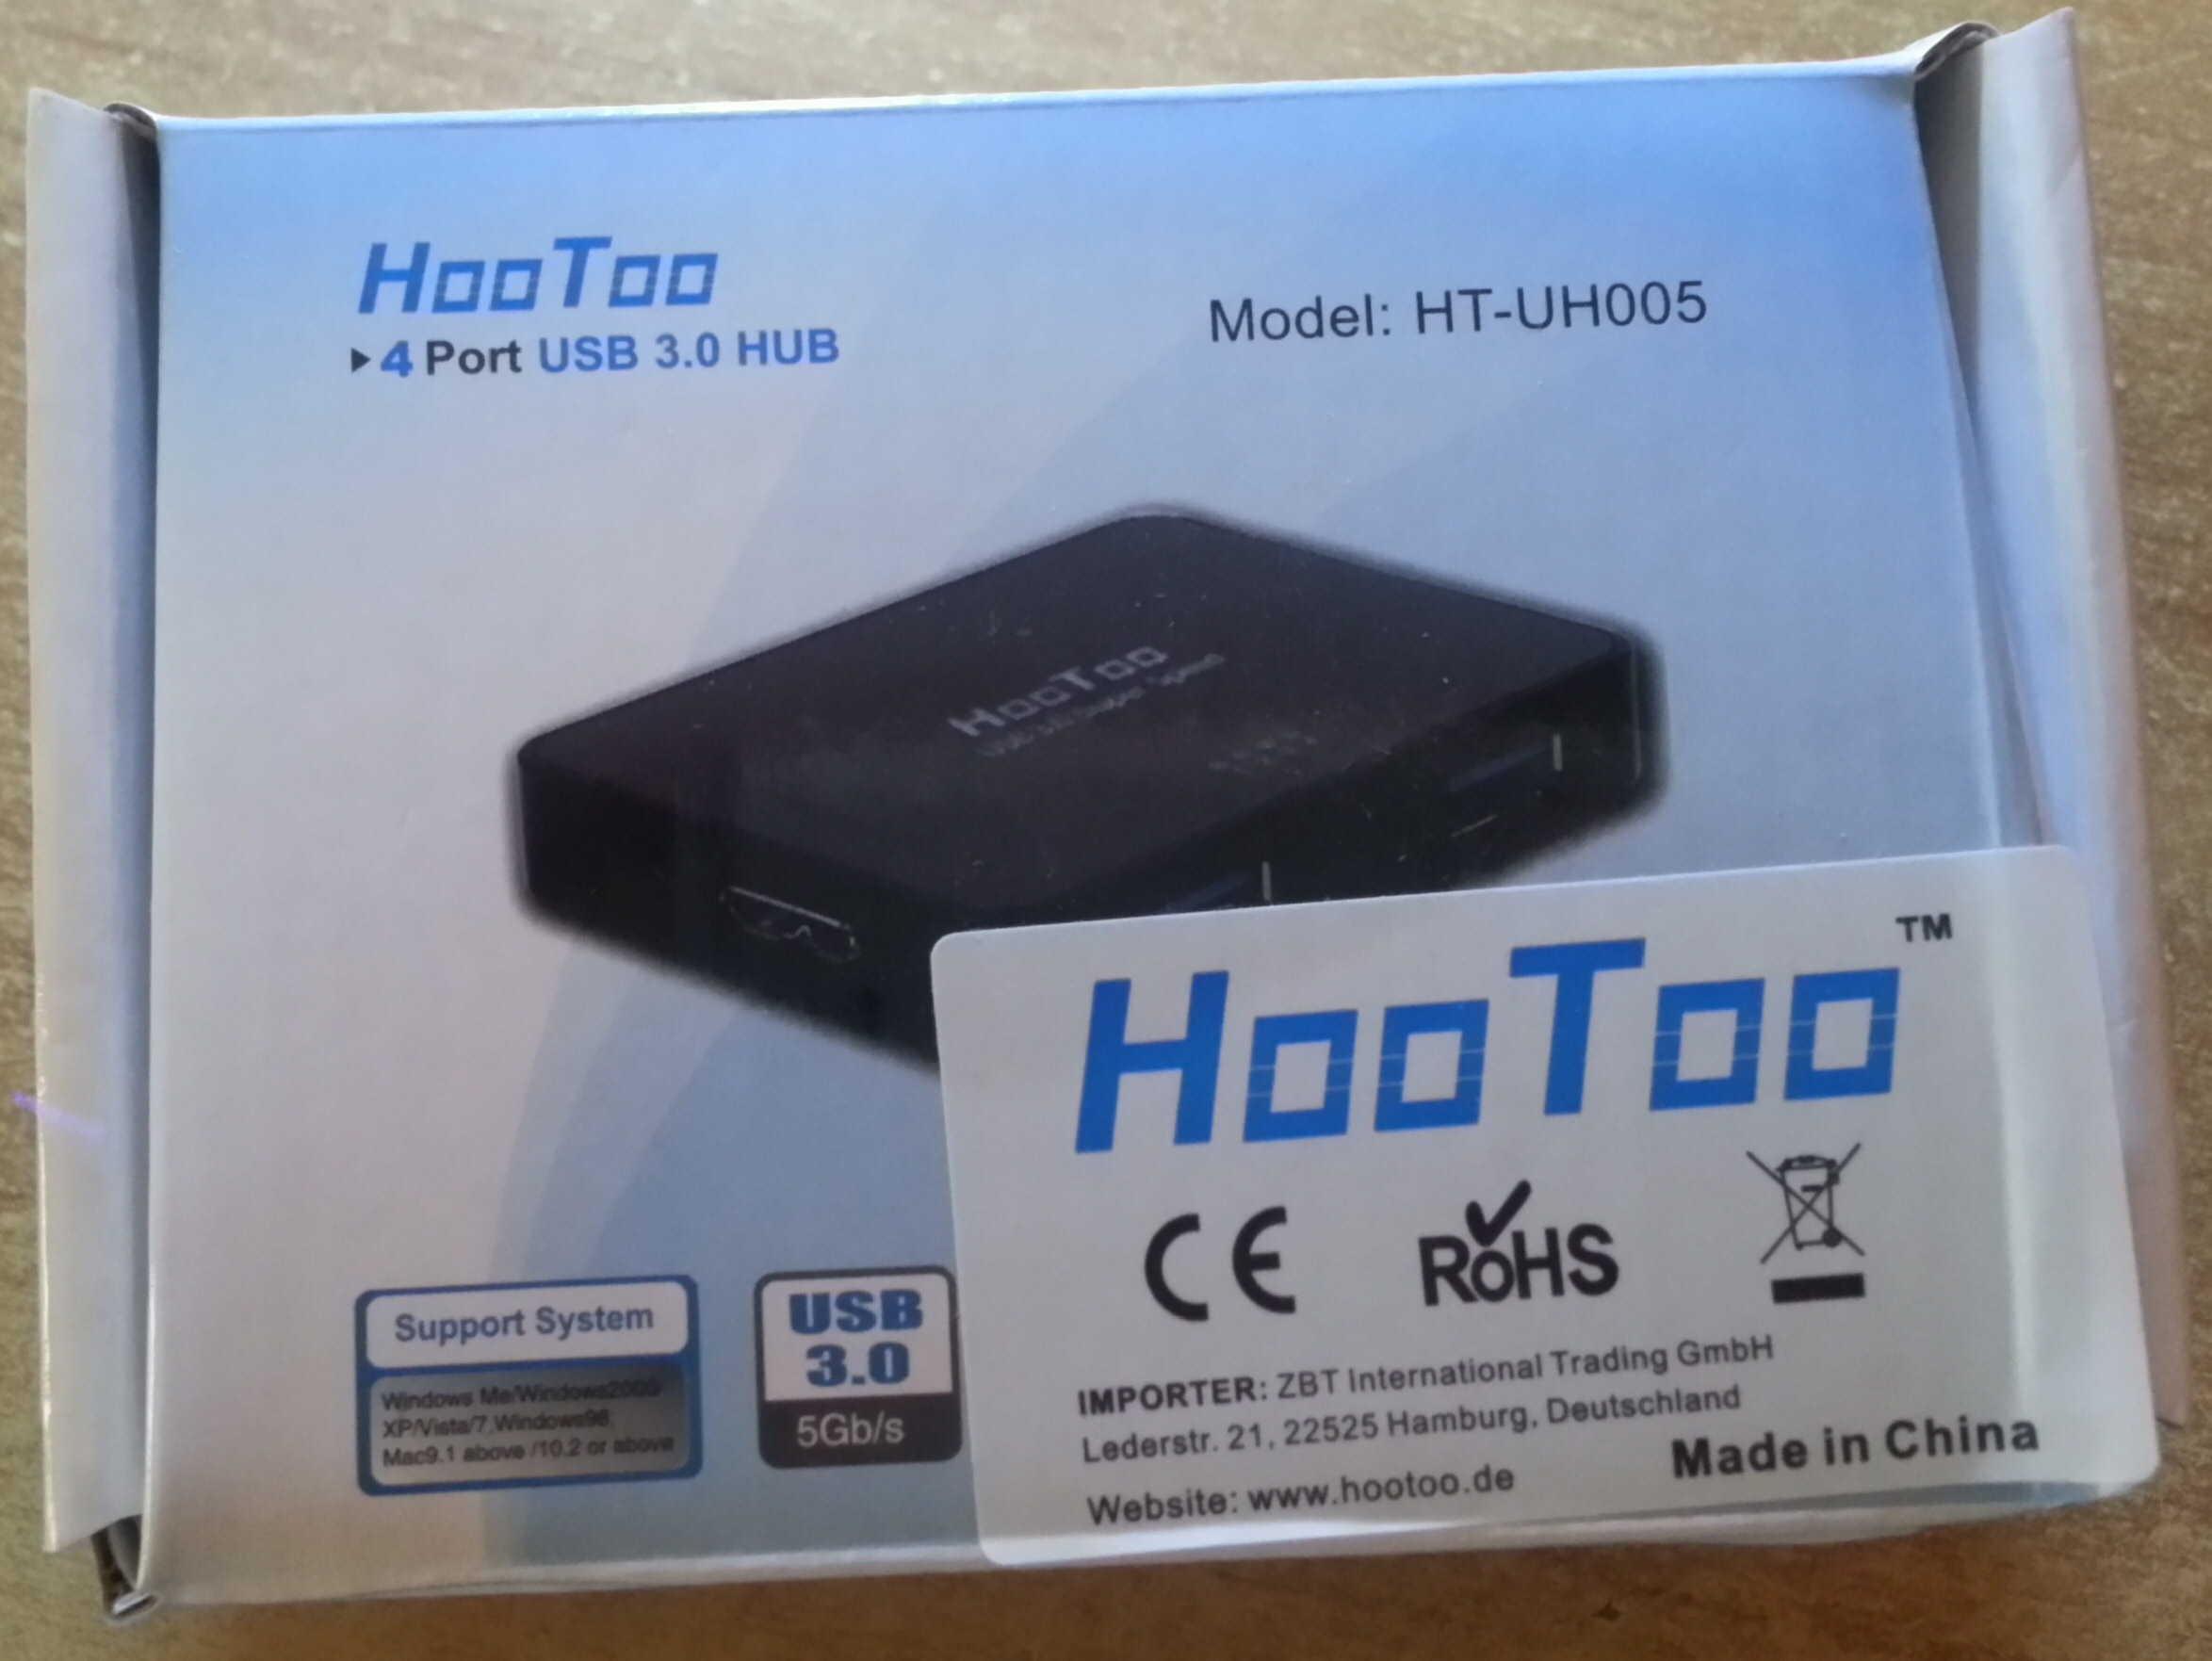 HooToo® HT-UH005 Ultra Slim Hub USB 3.0 SuperSpeed a 4 Porte (Chipset più recente VIA VL812, Adattatore di alimentazione 5V/2A